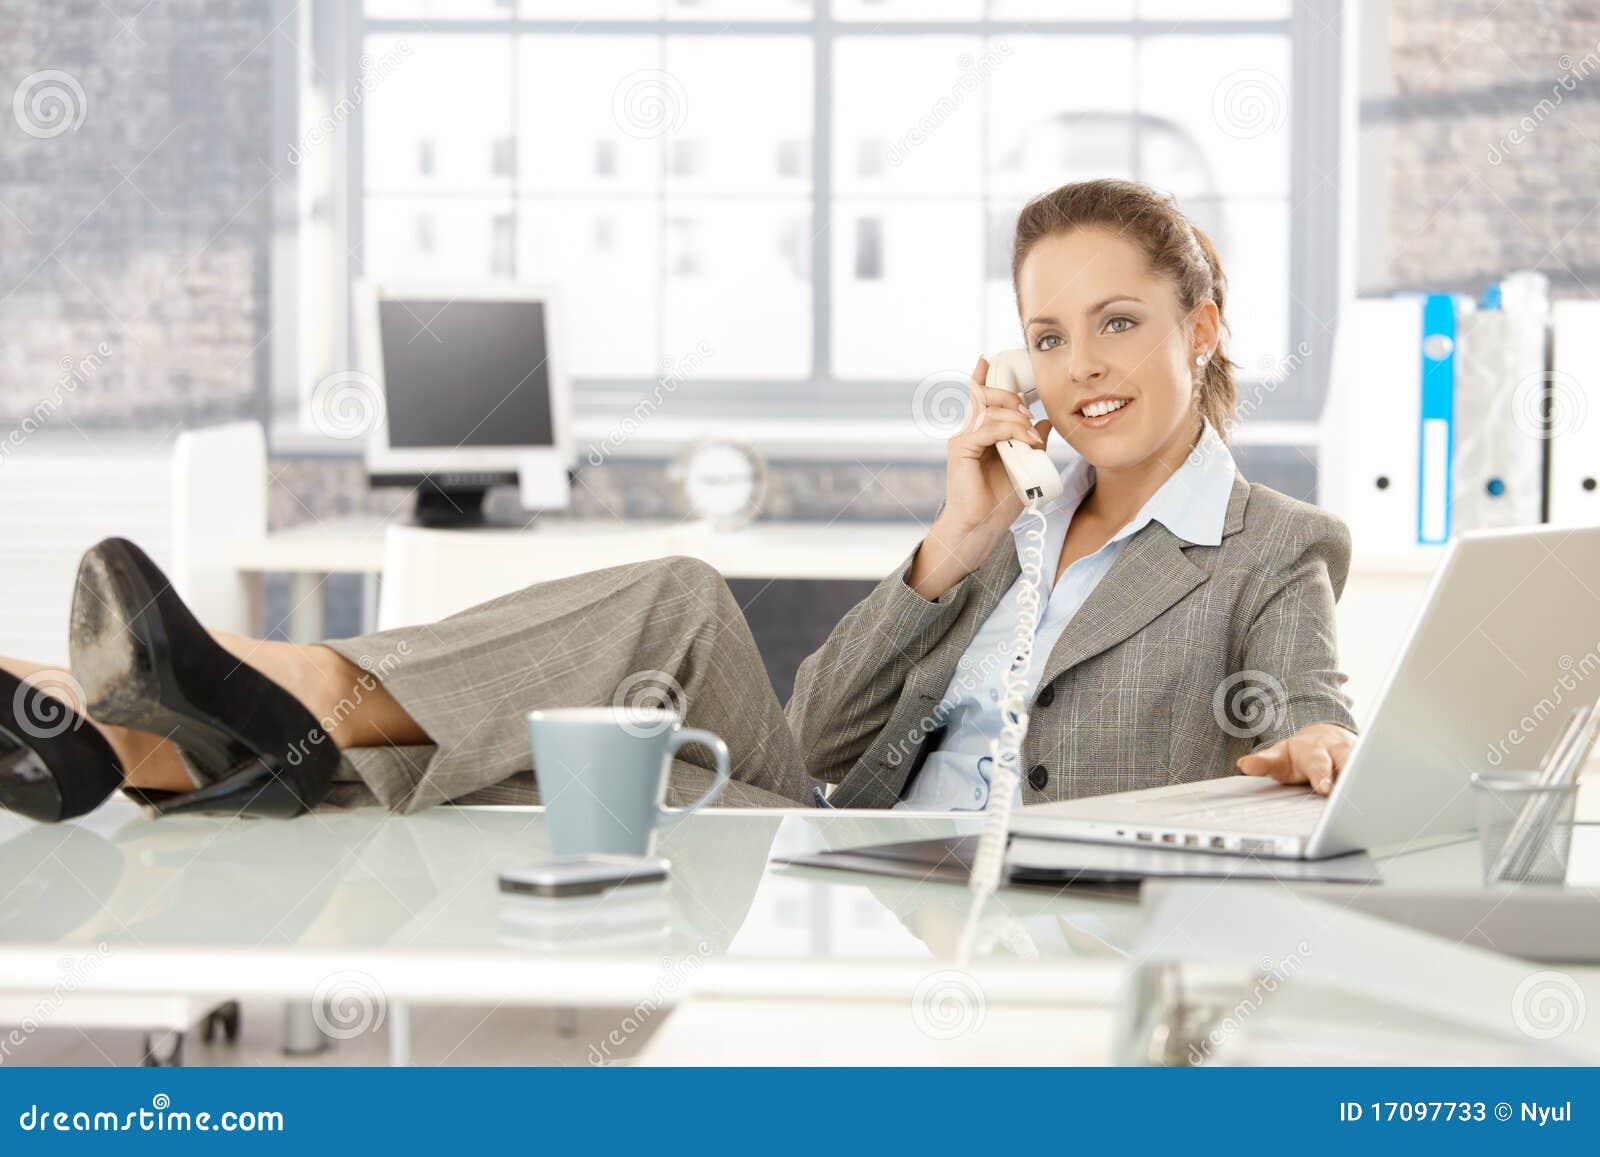 Junge Geschäftsfrau, die am Telefon im Büro spricht